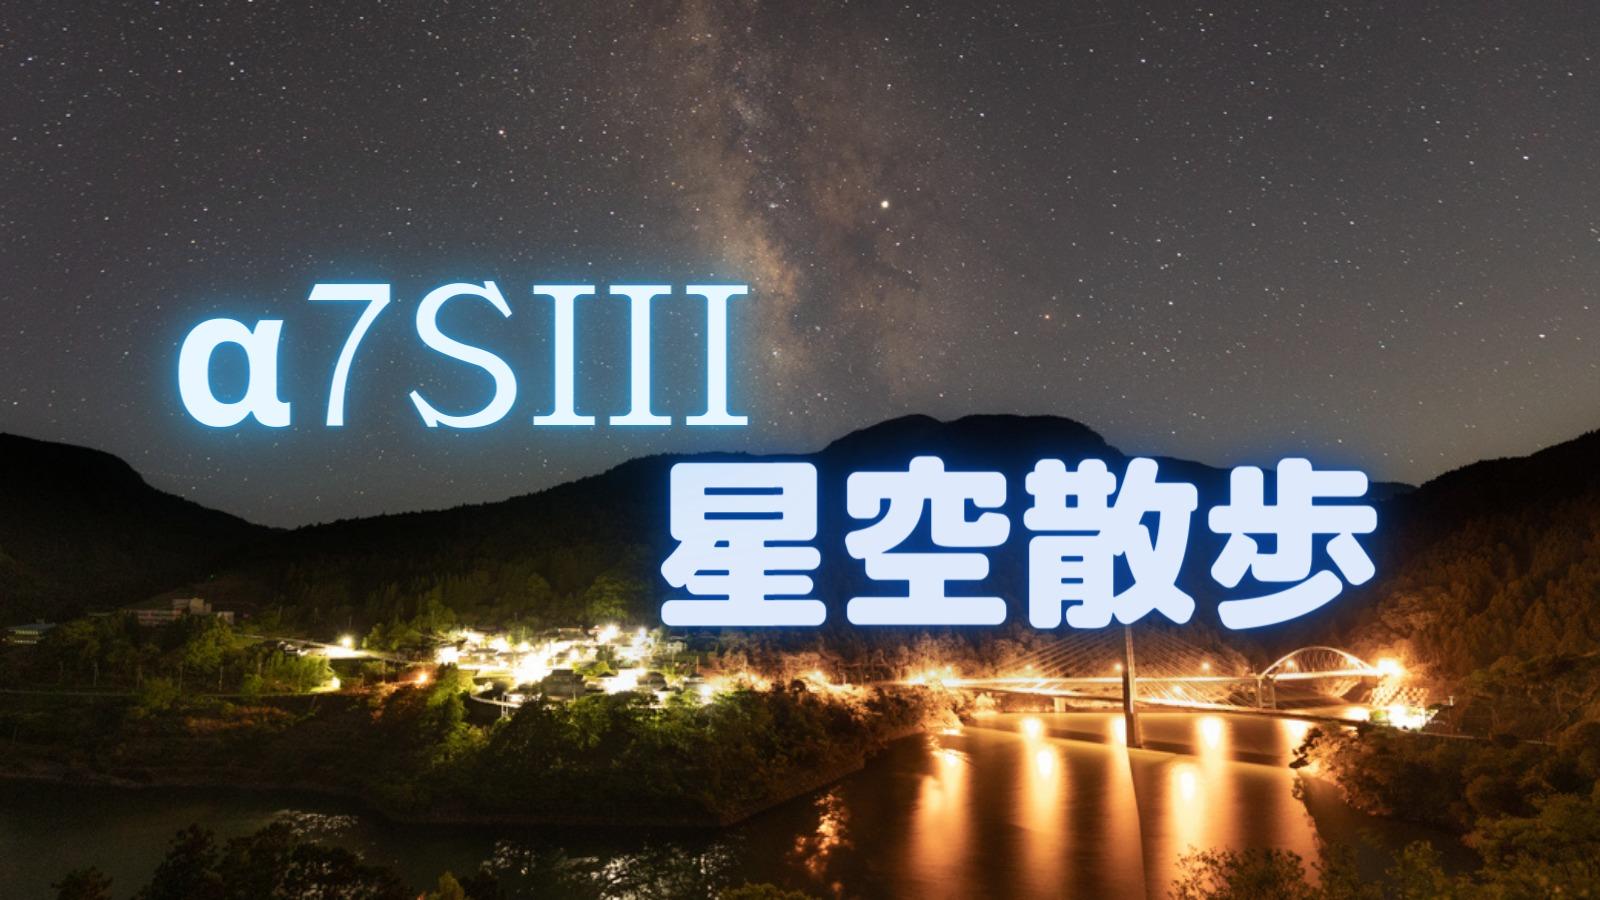 【動画】奈良県川上村まで星空動画を撮影に